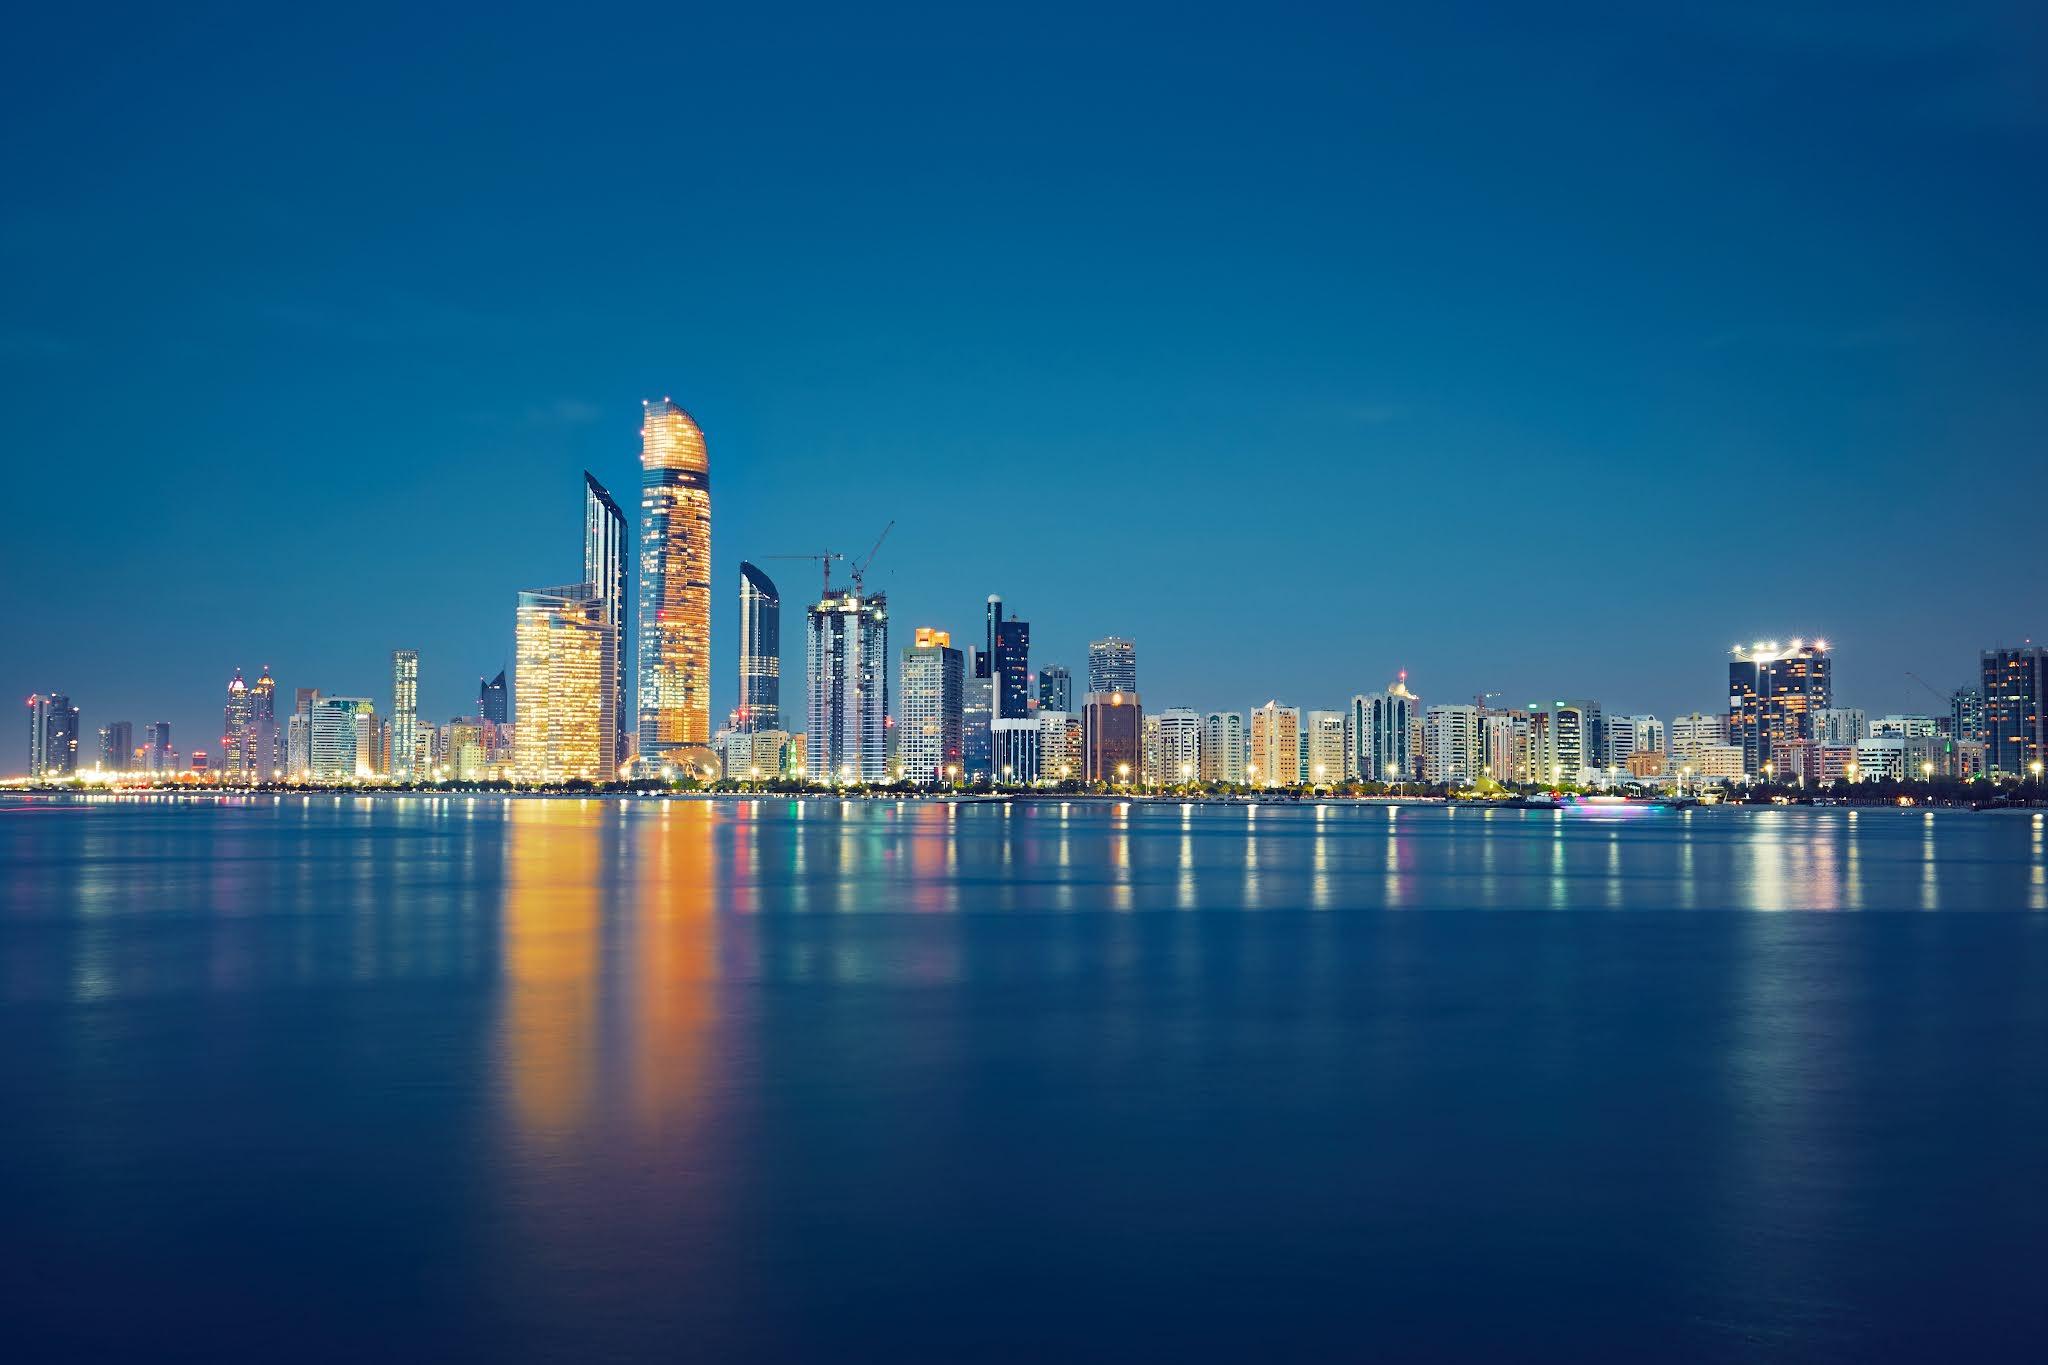 اجتماعات لتقوية العلاقات الاقتصادية وتنمية الاستثمارات بين الإمارات UAE والهند